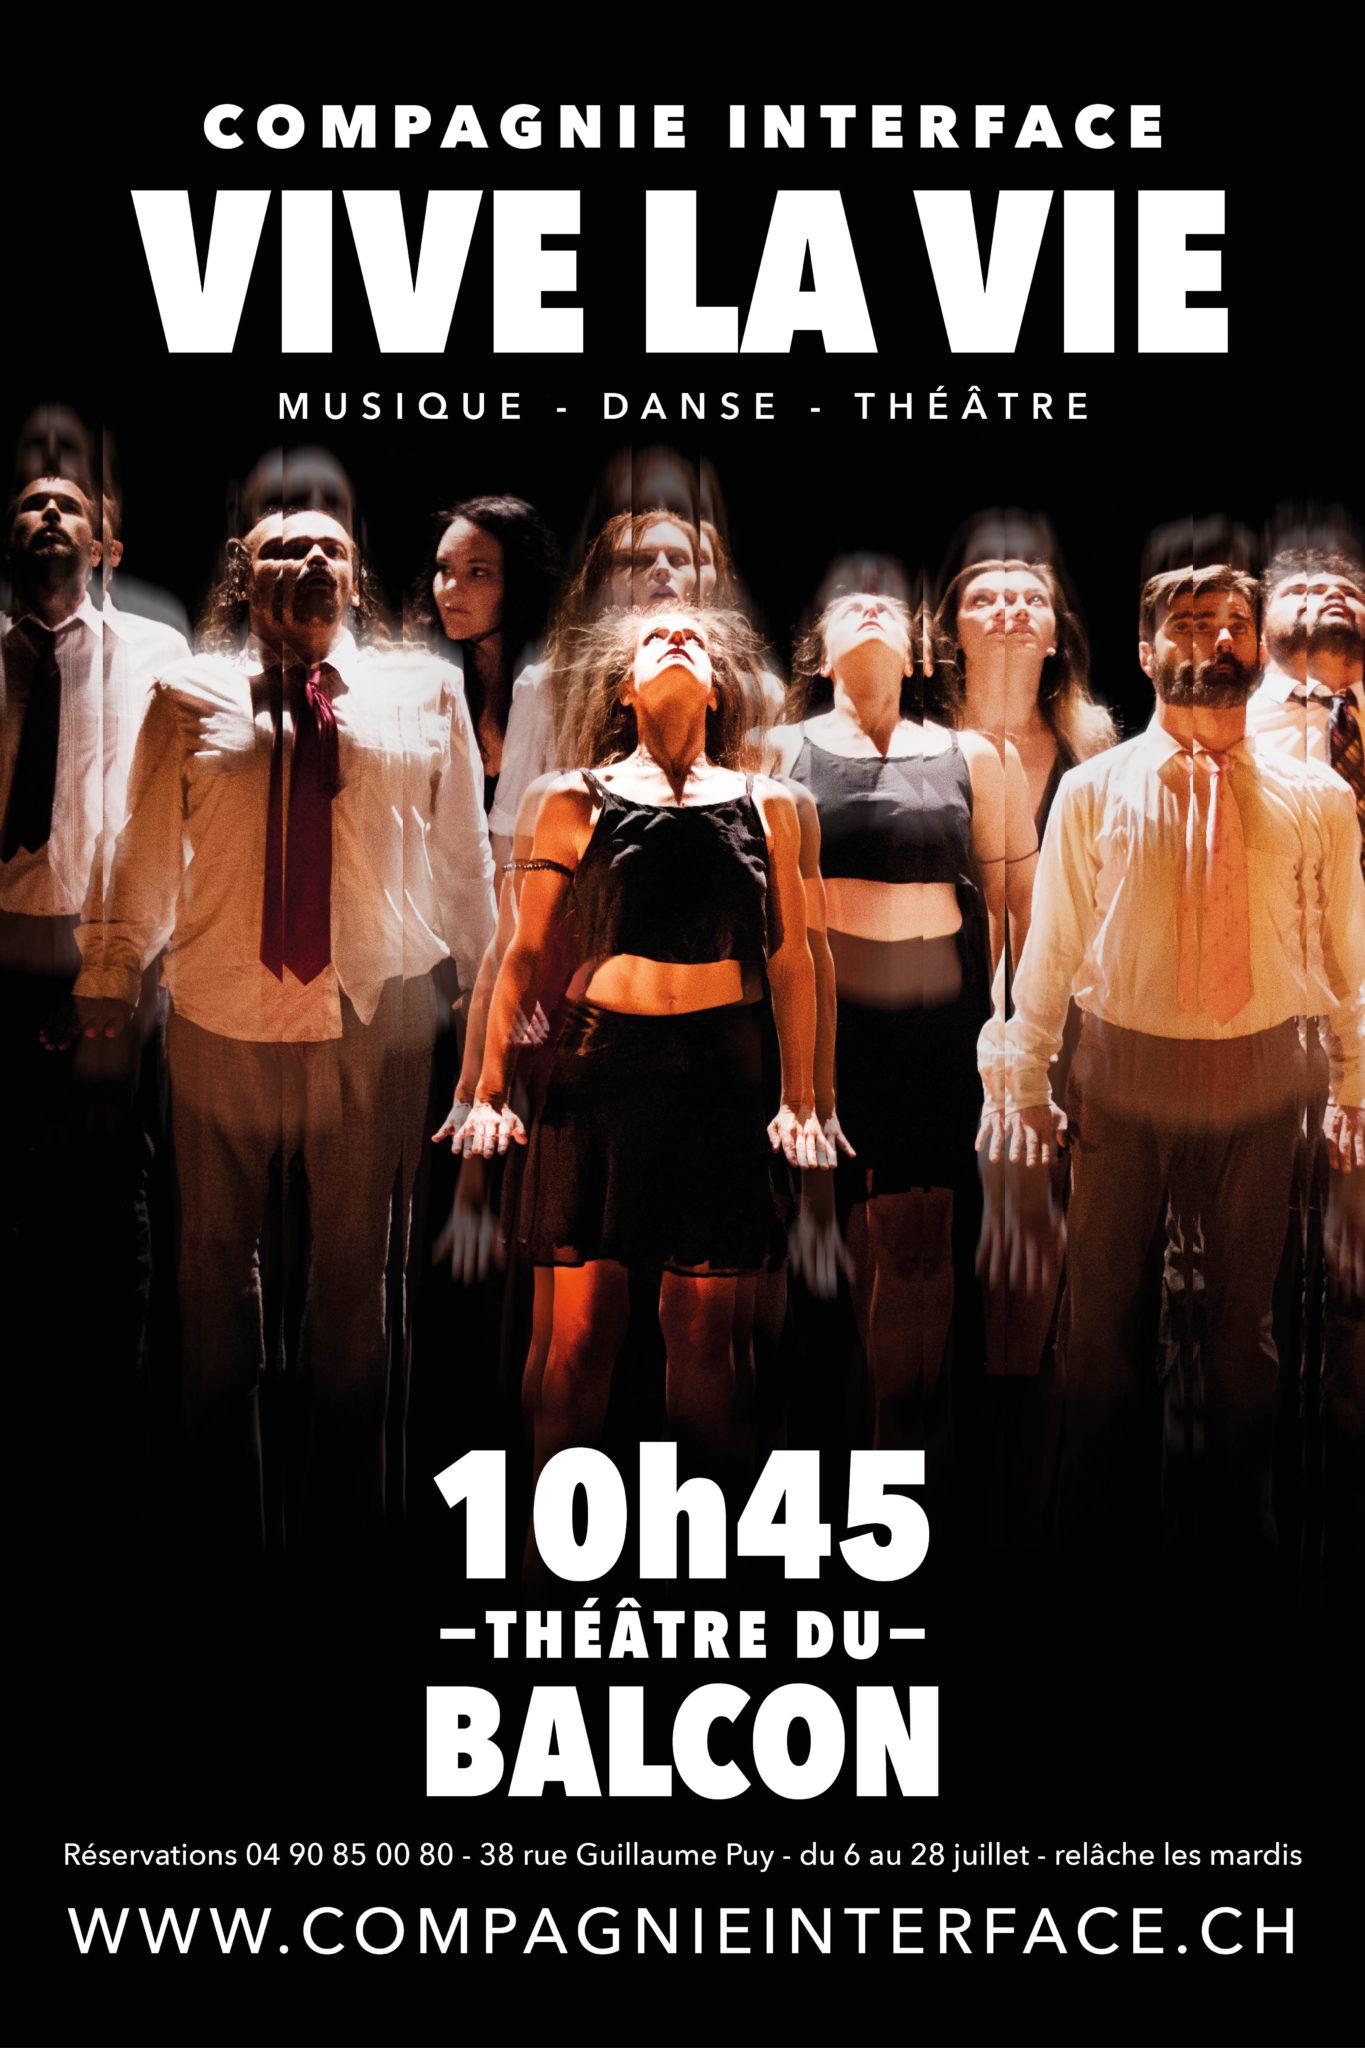 Vive la Vie de la Compagnie Interface affiche Avignon Le Off 2018